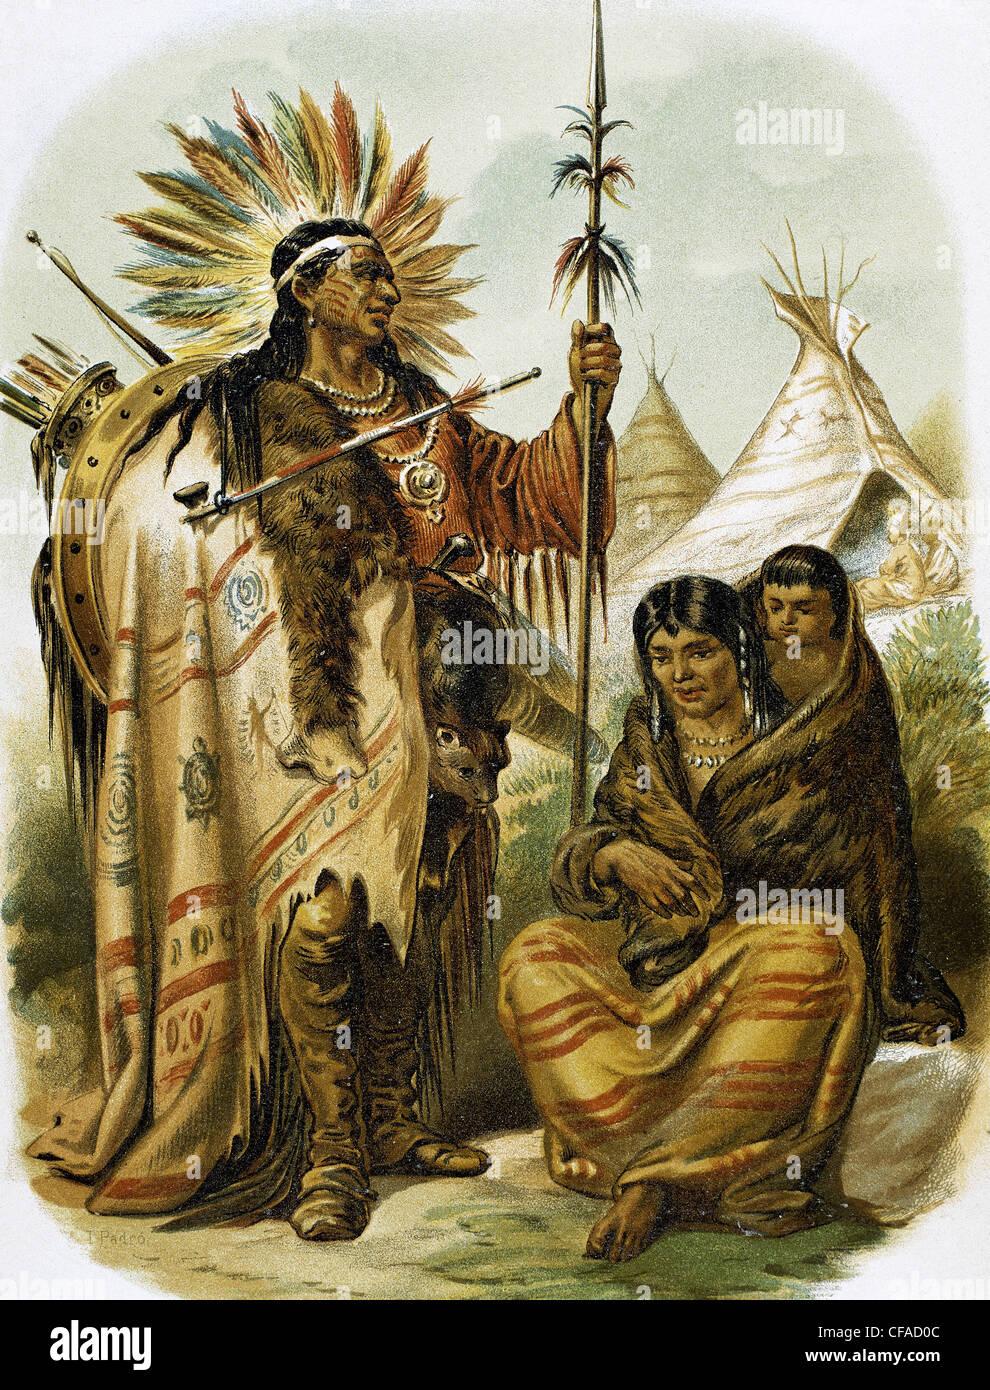 Indiani Americani. Rosso indiano gara. Incisione colorata, fine del XIX secolo. Immagini Stock